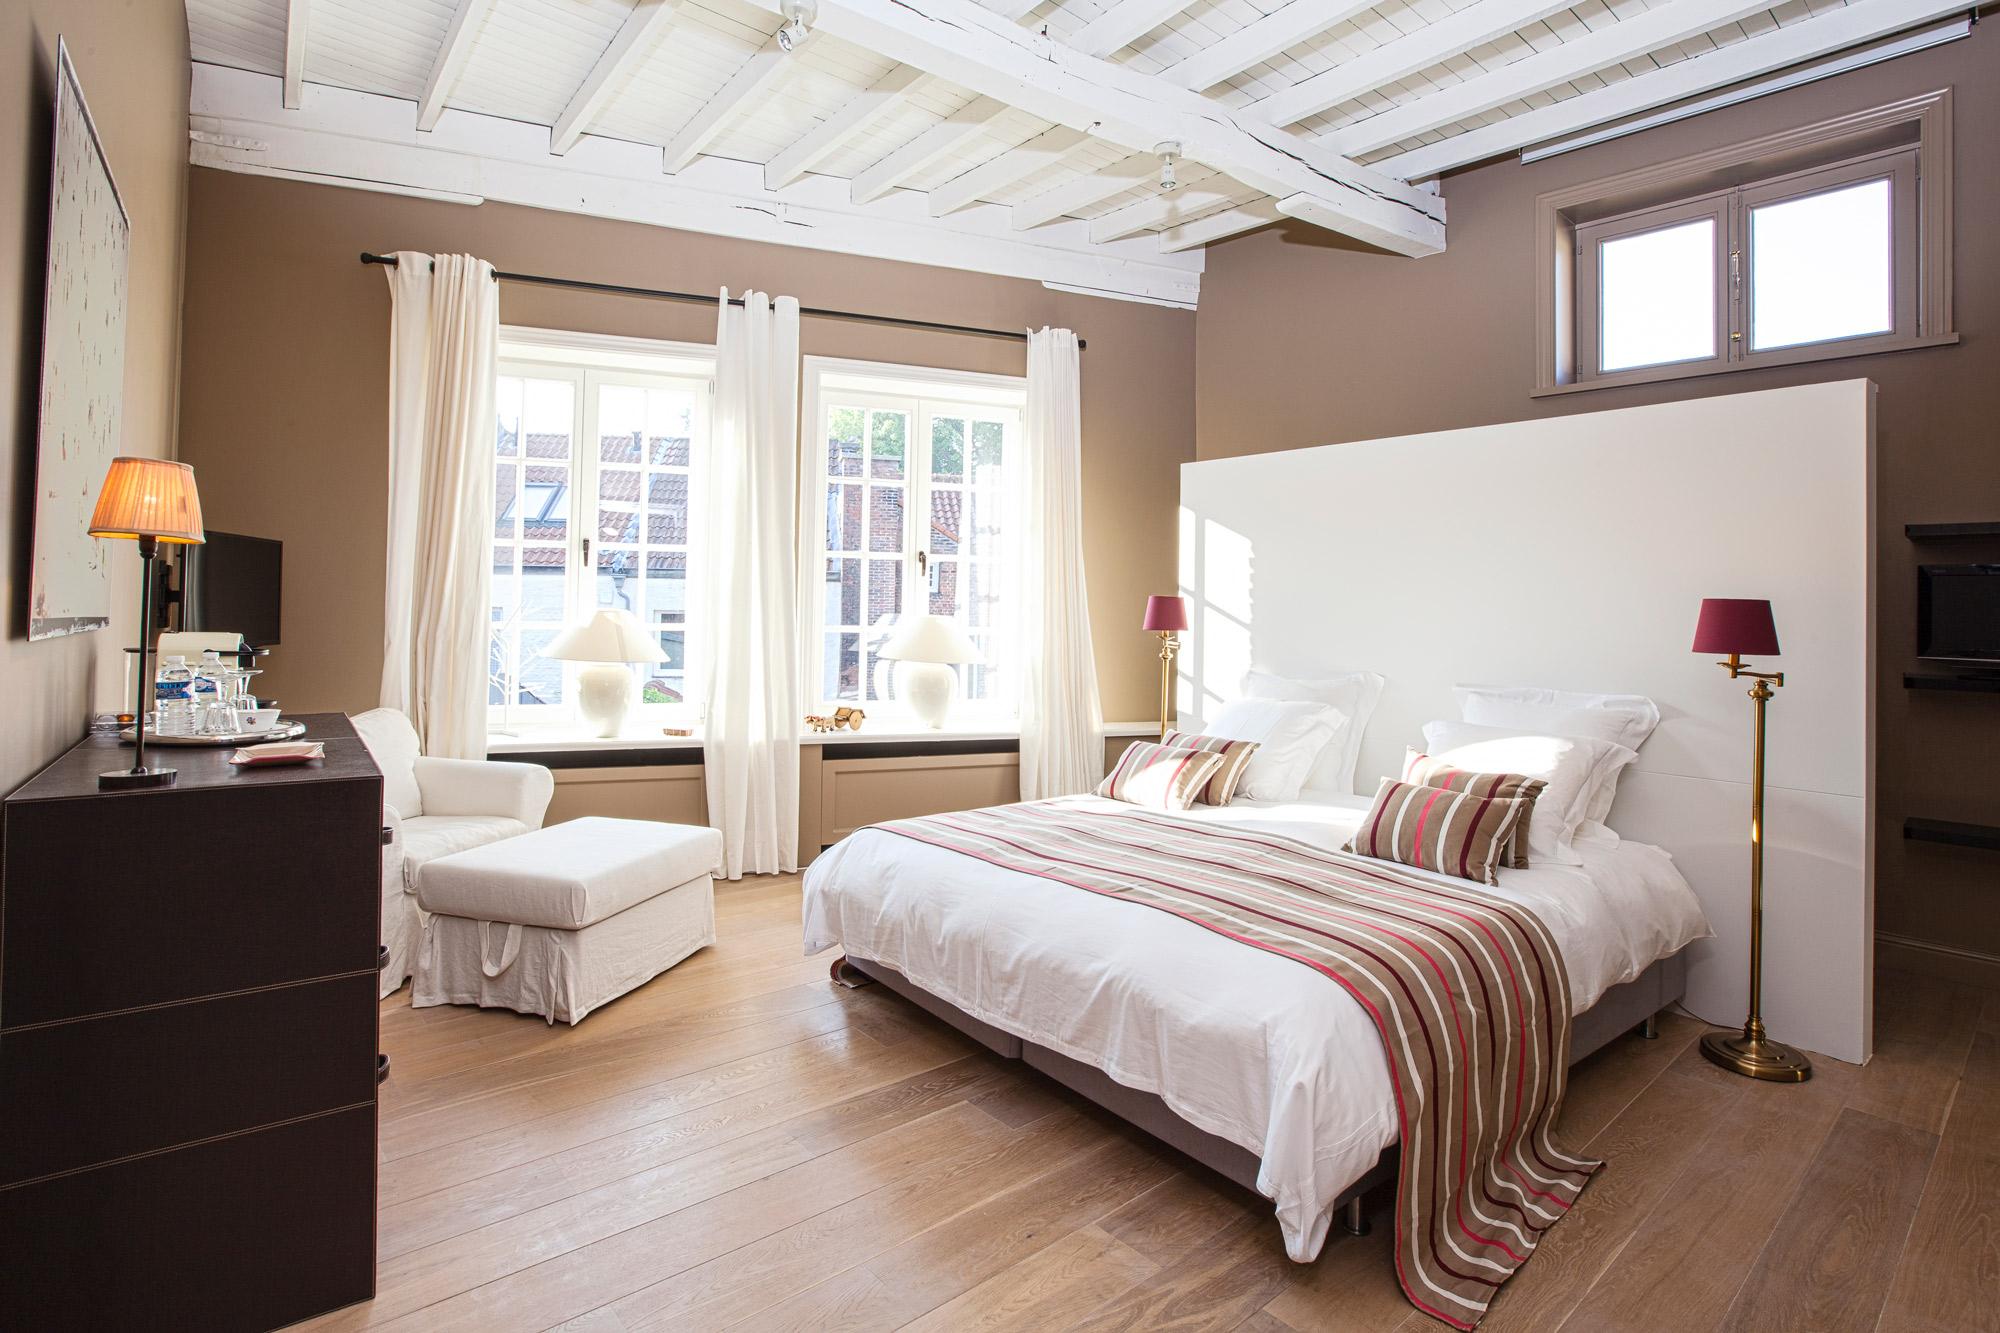 Chambre Biarritz Maison Amodio B&B chambre d'hôtes Bruges